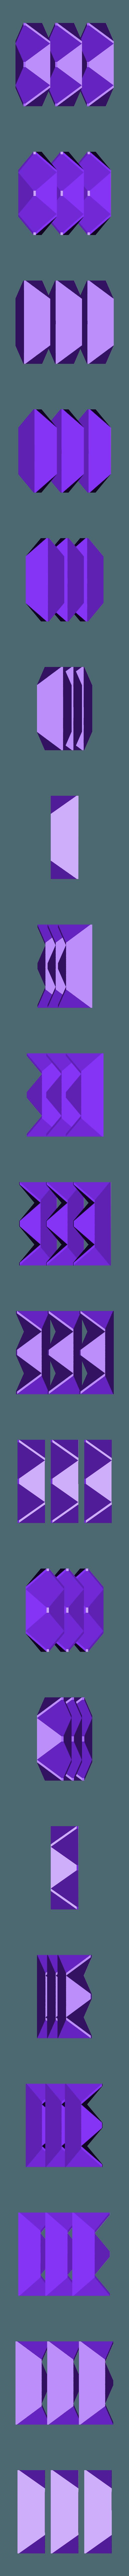 puzzle_medium.stl Télécharger fichier STL gratuit Puzzle 6 pièces 2 • Modèle pour imprimante 3D, tylerebowers